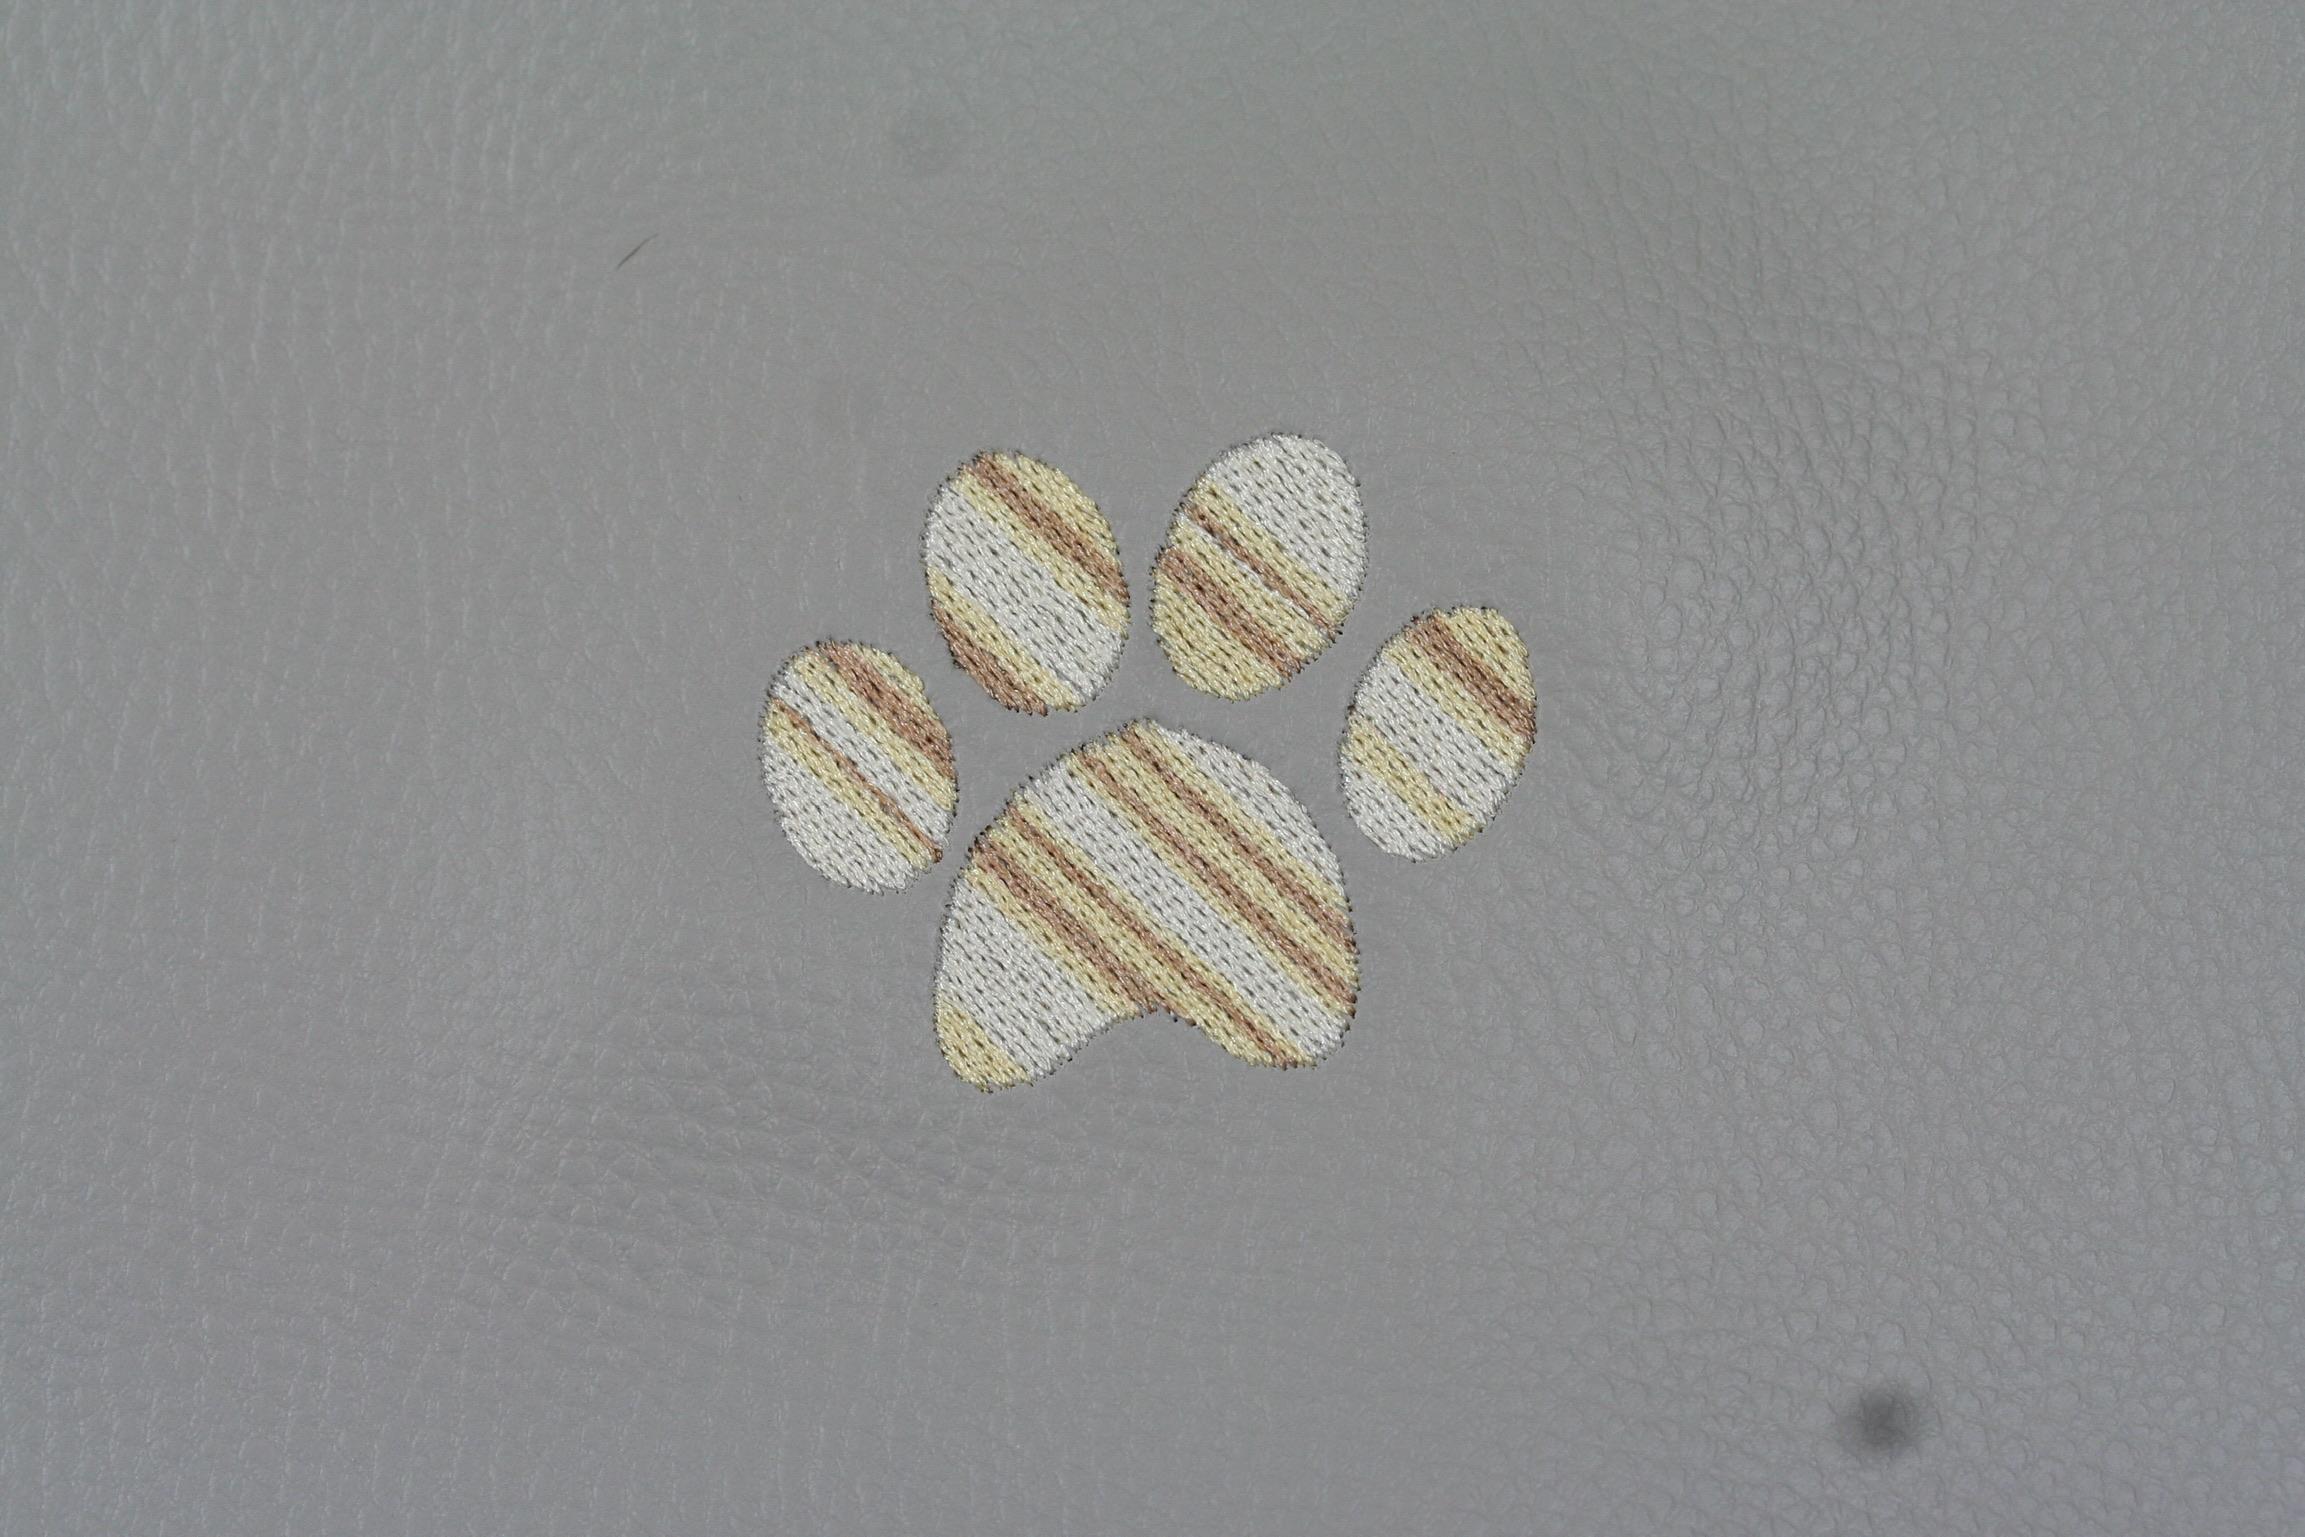 Multicolor-2877-Creme-Gelb-Braun